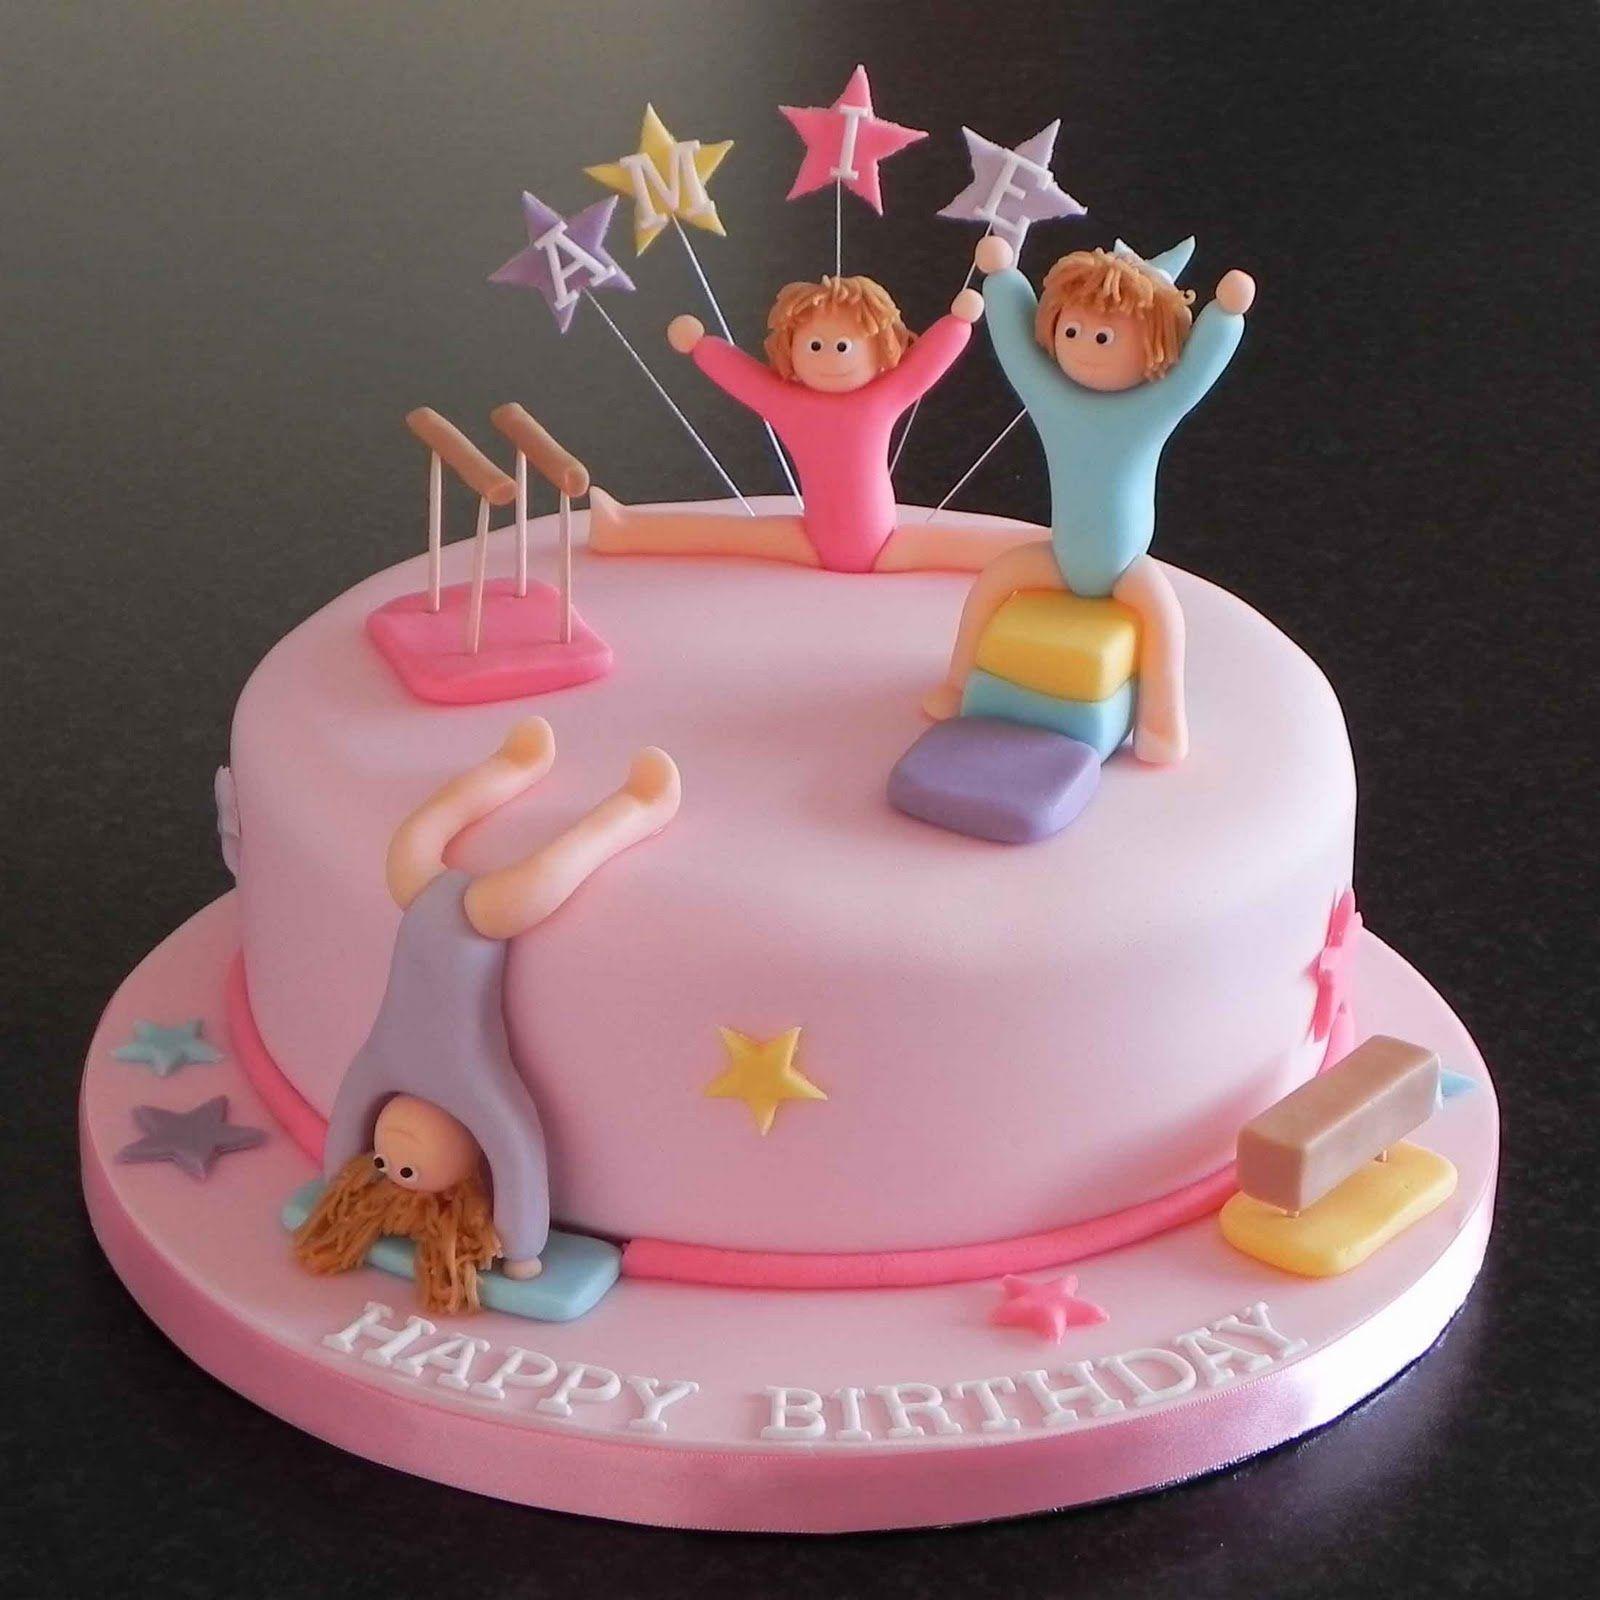 Gymnastics Birthday Cake Decorations Cakepins